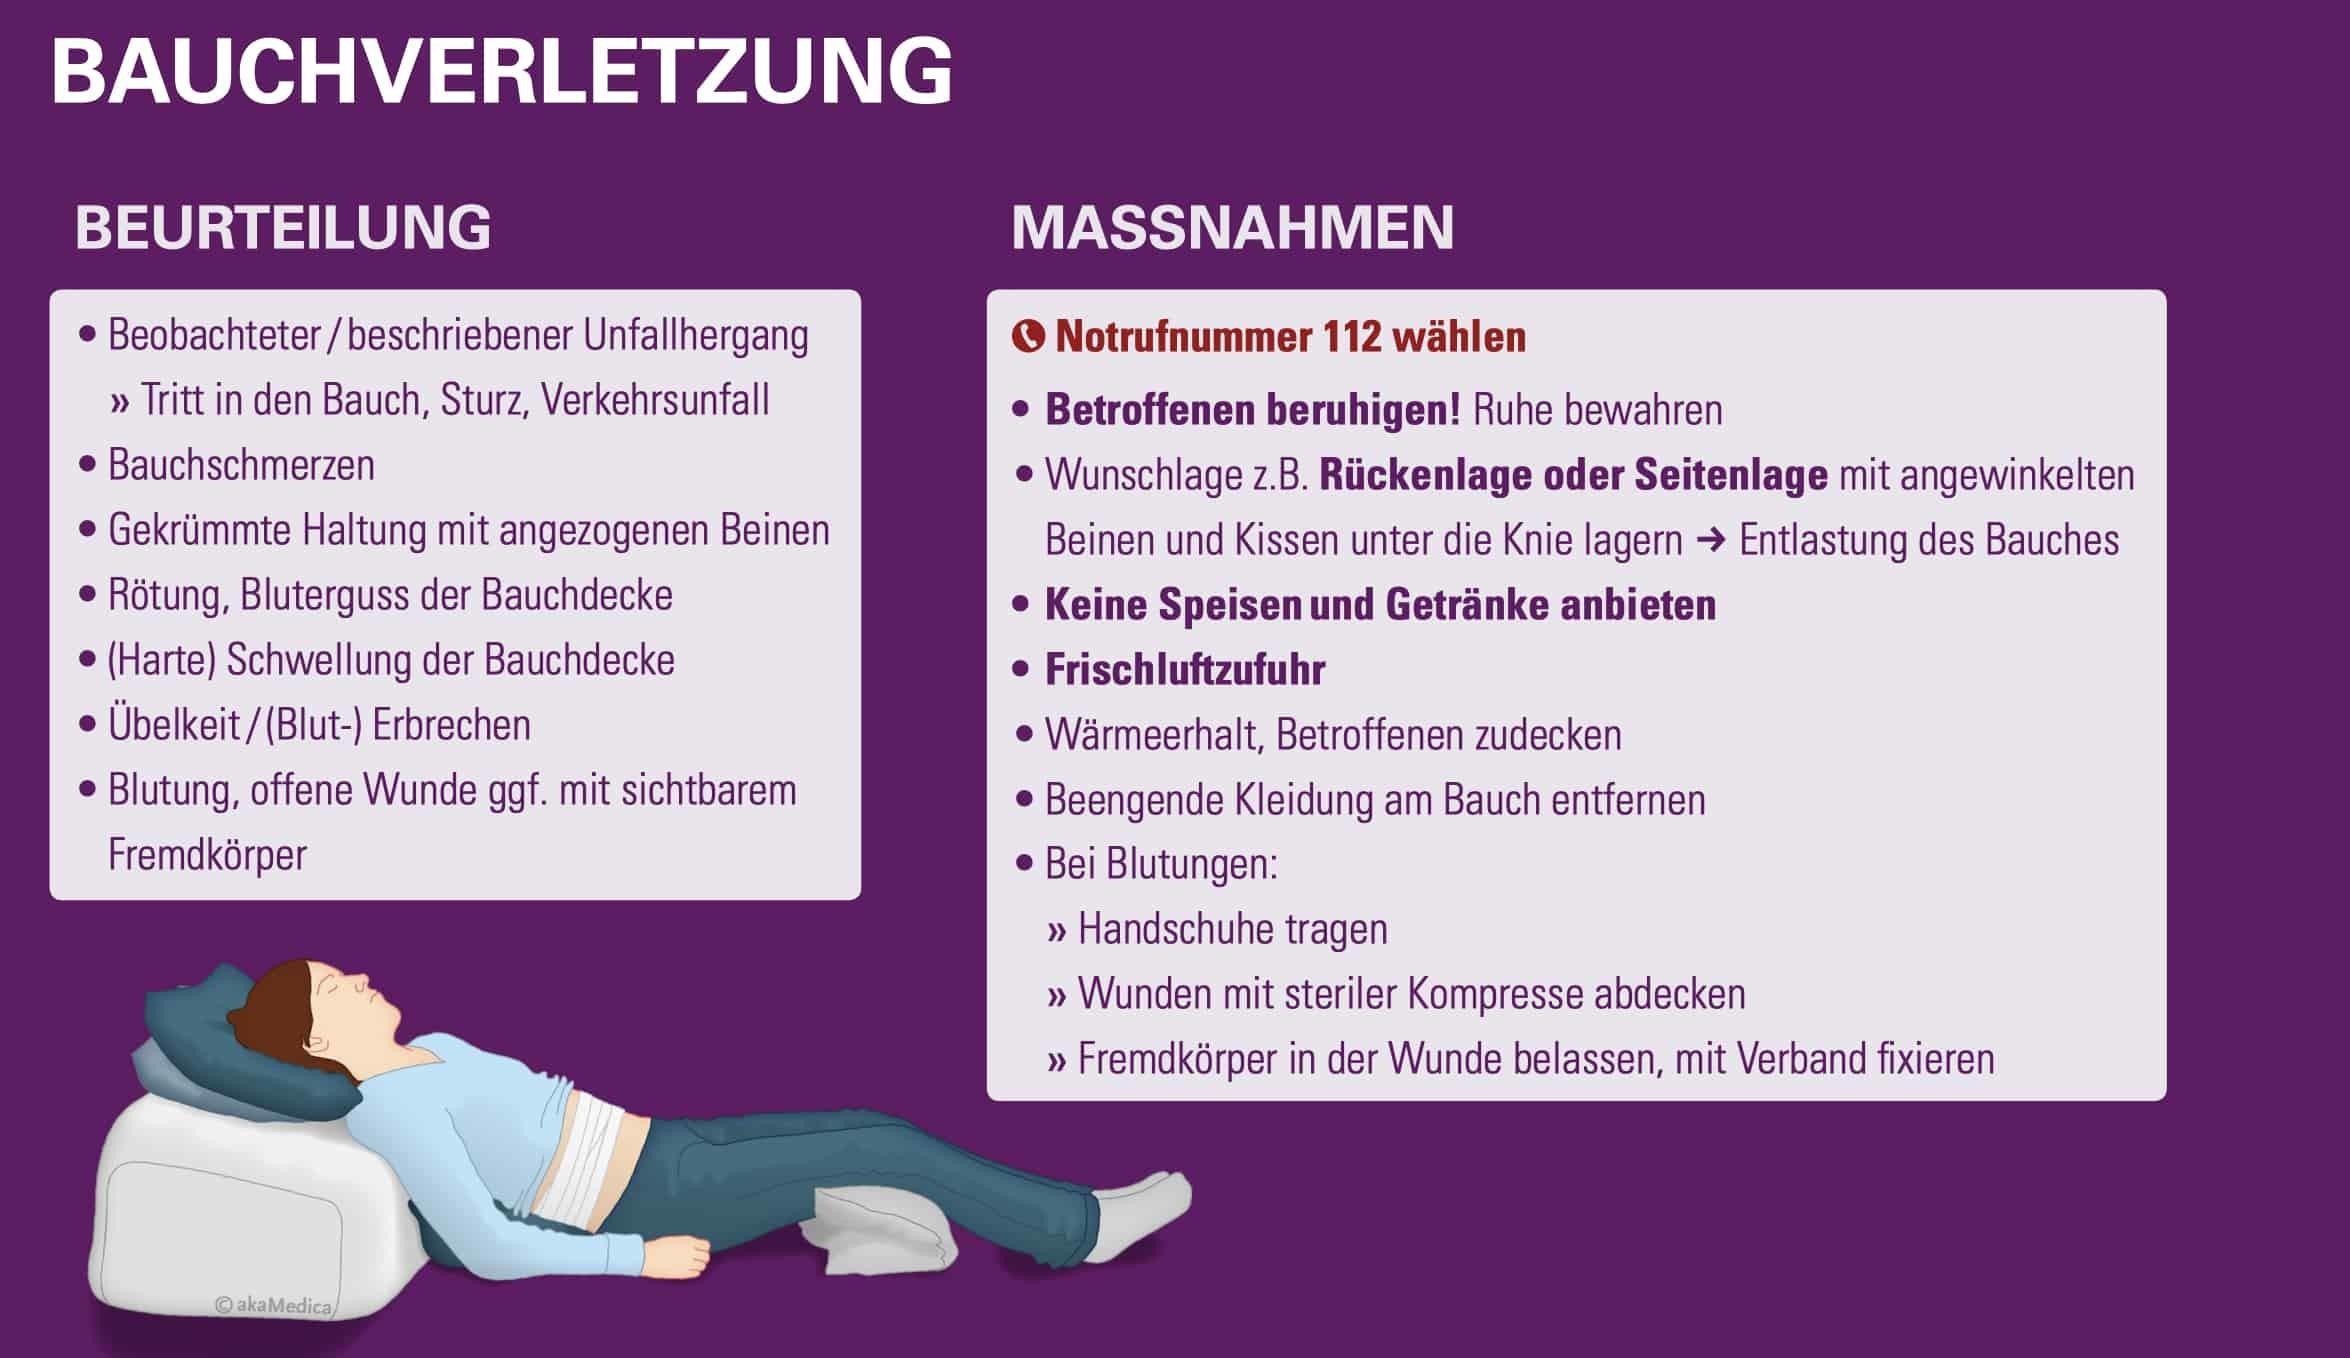 Bauchschmerzen und Bauchverletzung